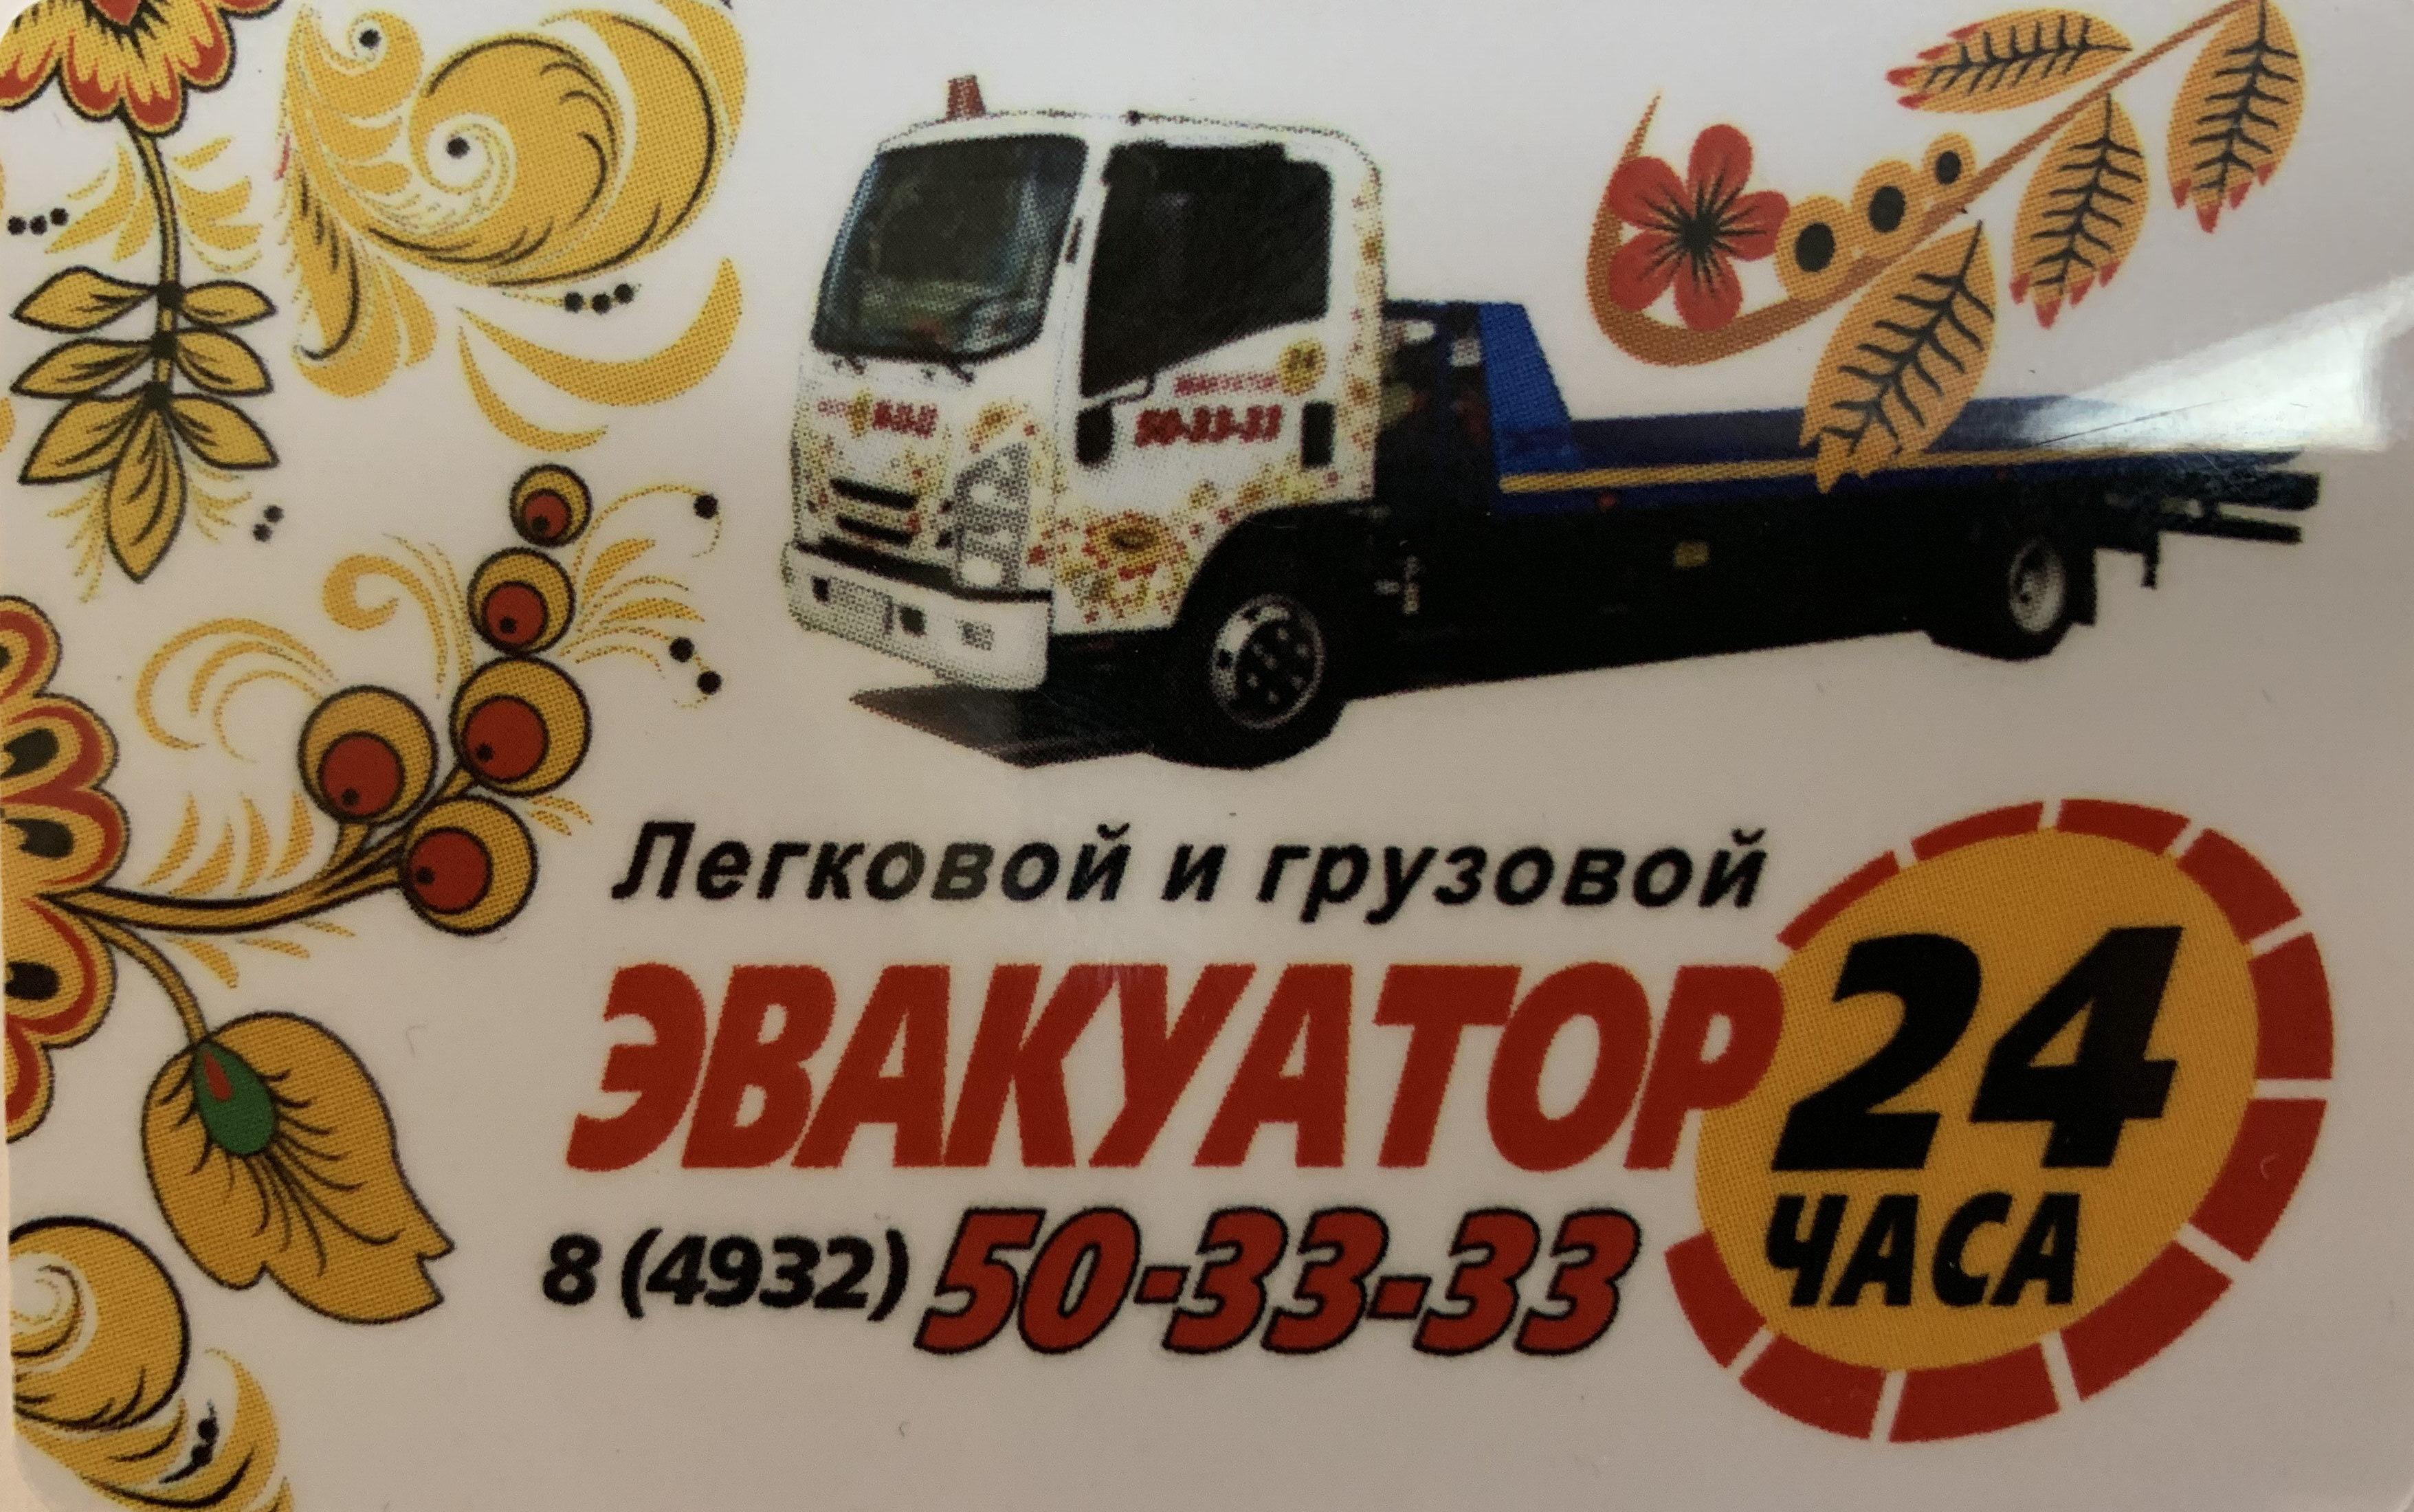 Фото карты клиента «Эвакуаторы 50-33-33»